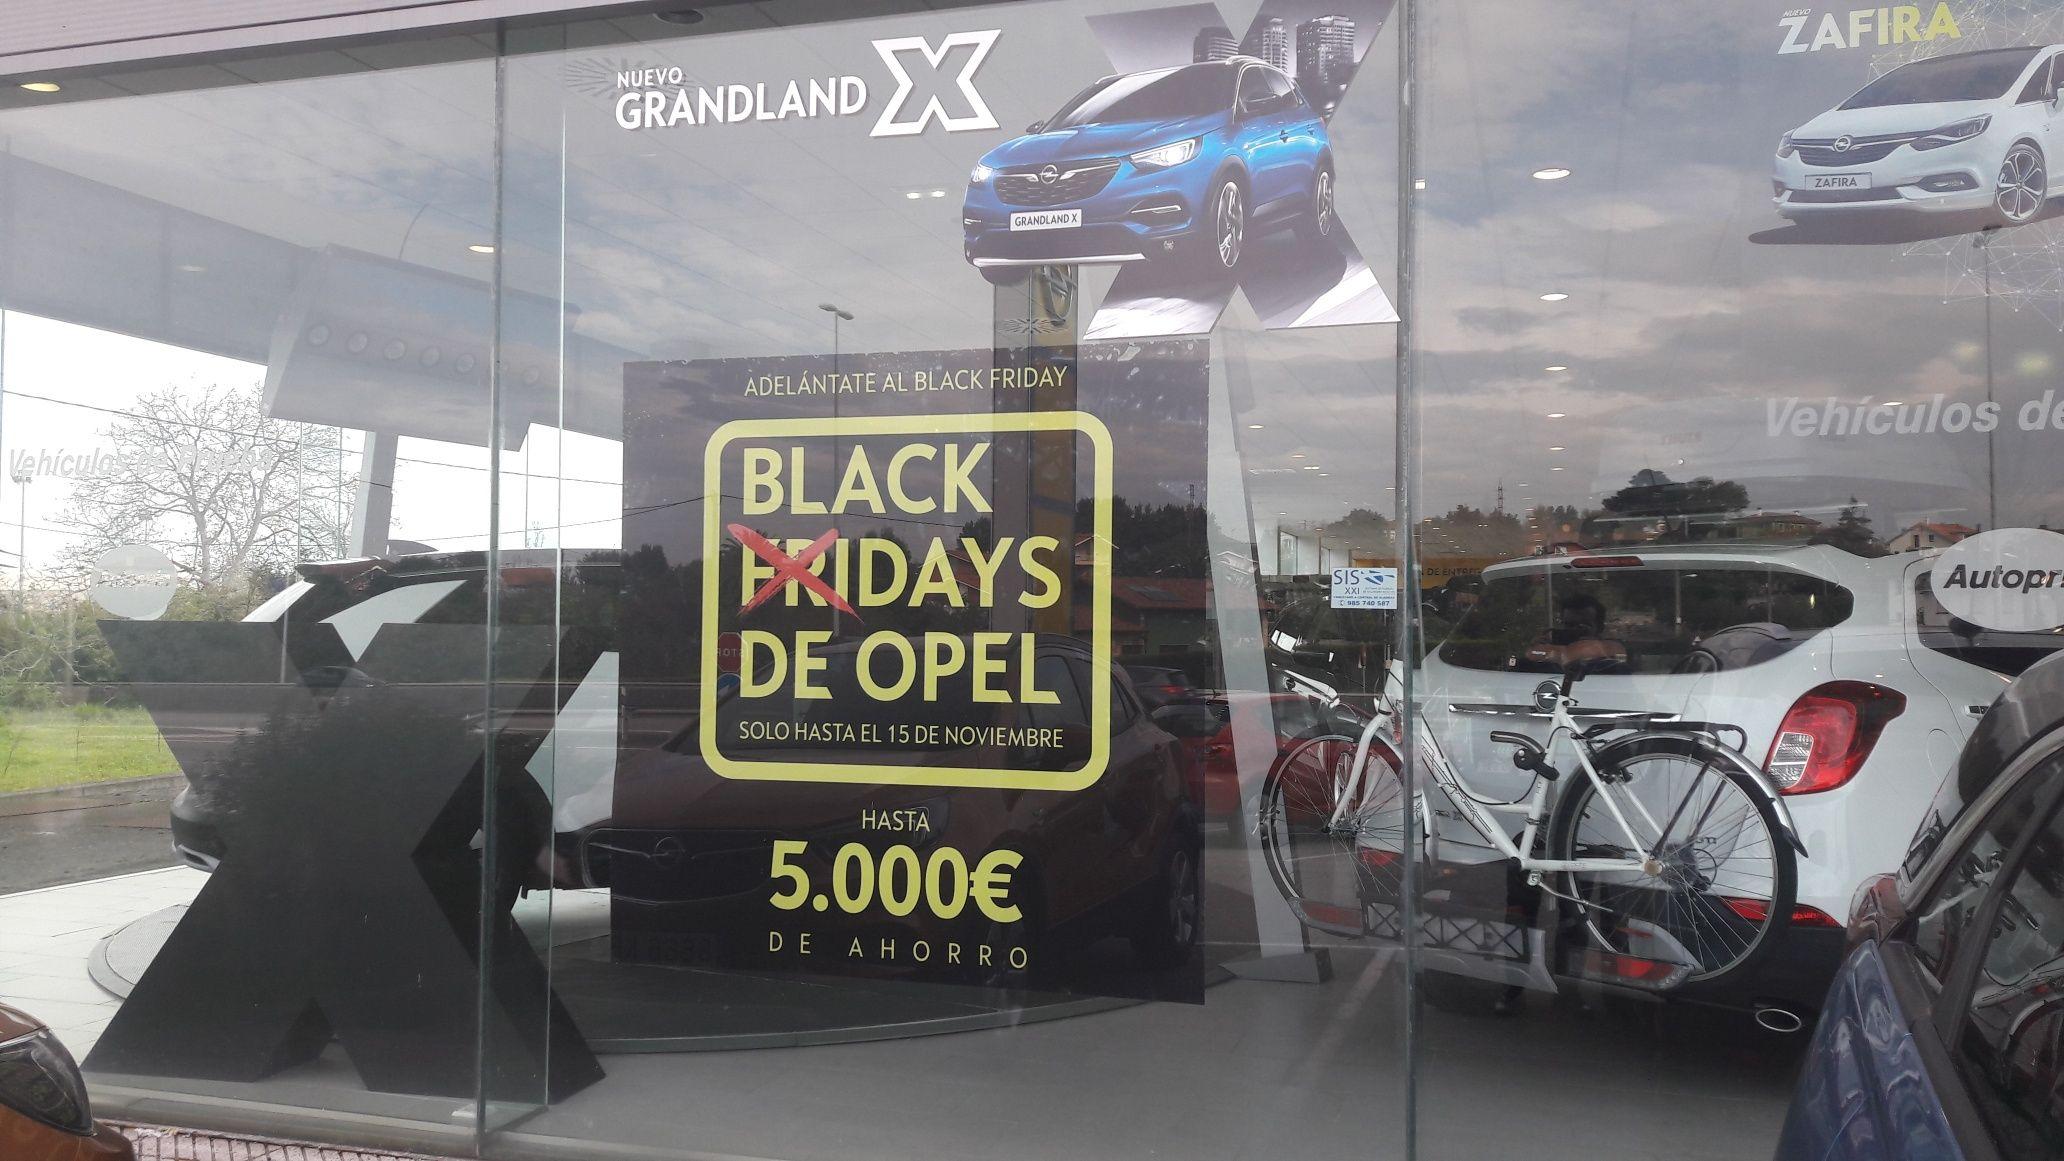 Llegan los BLACK DAYS a Autoprin. ¡SOLO HASTA EL 15 DE NOVIEMBRE! Hasta 5.000 € de ahorro